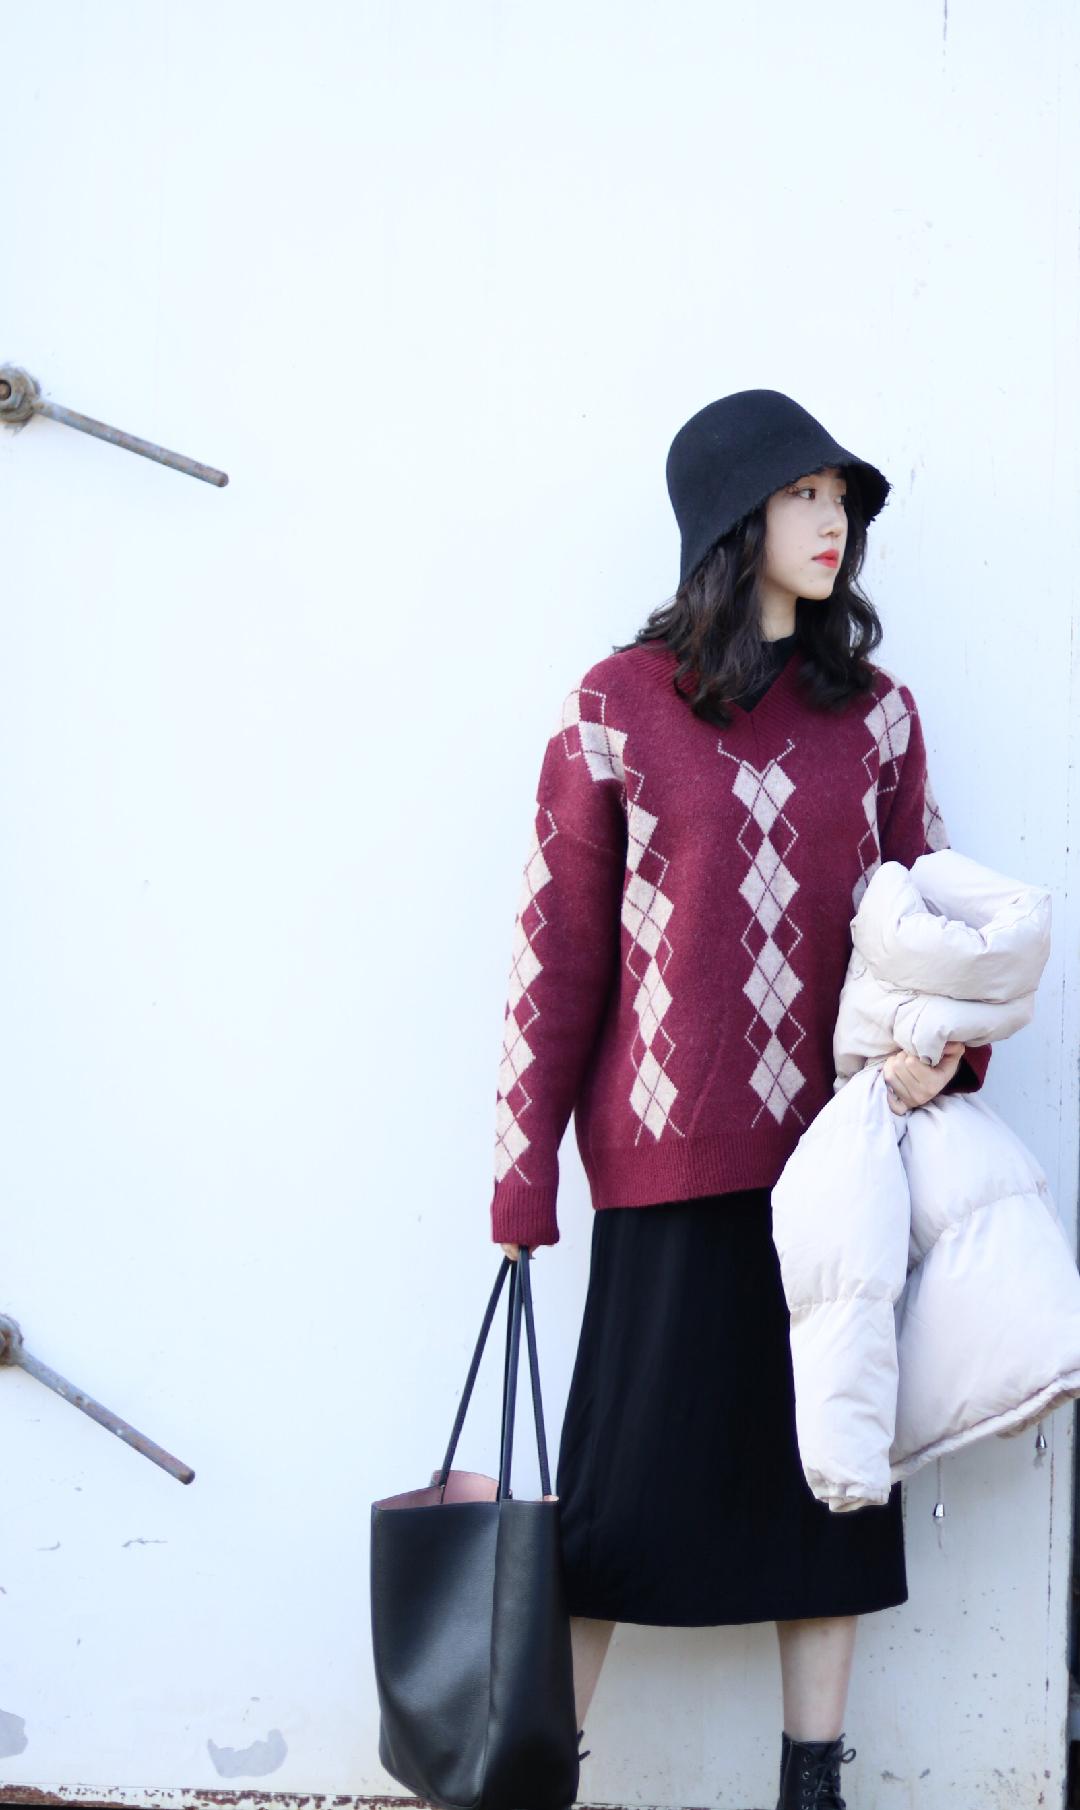 遮肉冬季搭配 毛衣:云上生活 内搭:sixone六一 包包:hm 毛衣:无印良品 内搭选择长裙真的很遮大腿小腿肉,整个人显修长。亮色毛衣外穿,内搭高领毛衣今年好像很流行哦,hm的包包我一直很喜欢,质量也不错👍推荐给大家,这一套穿起来非常气质。   对了!记得点赞完再走哦👍 #遮肉大法#